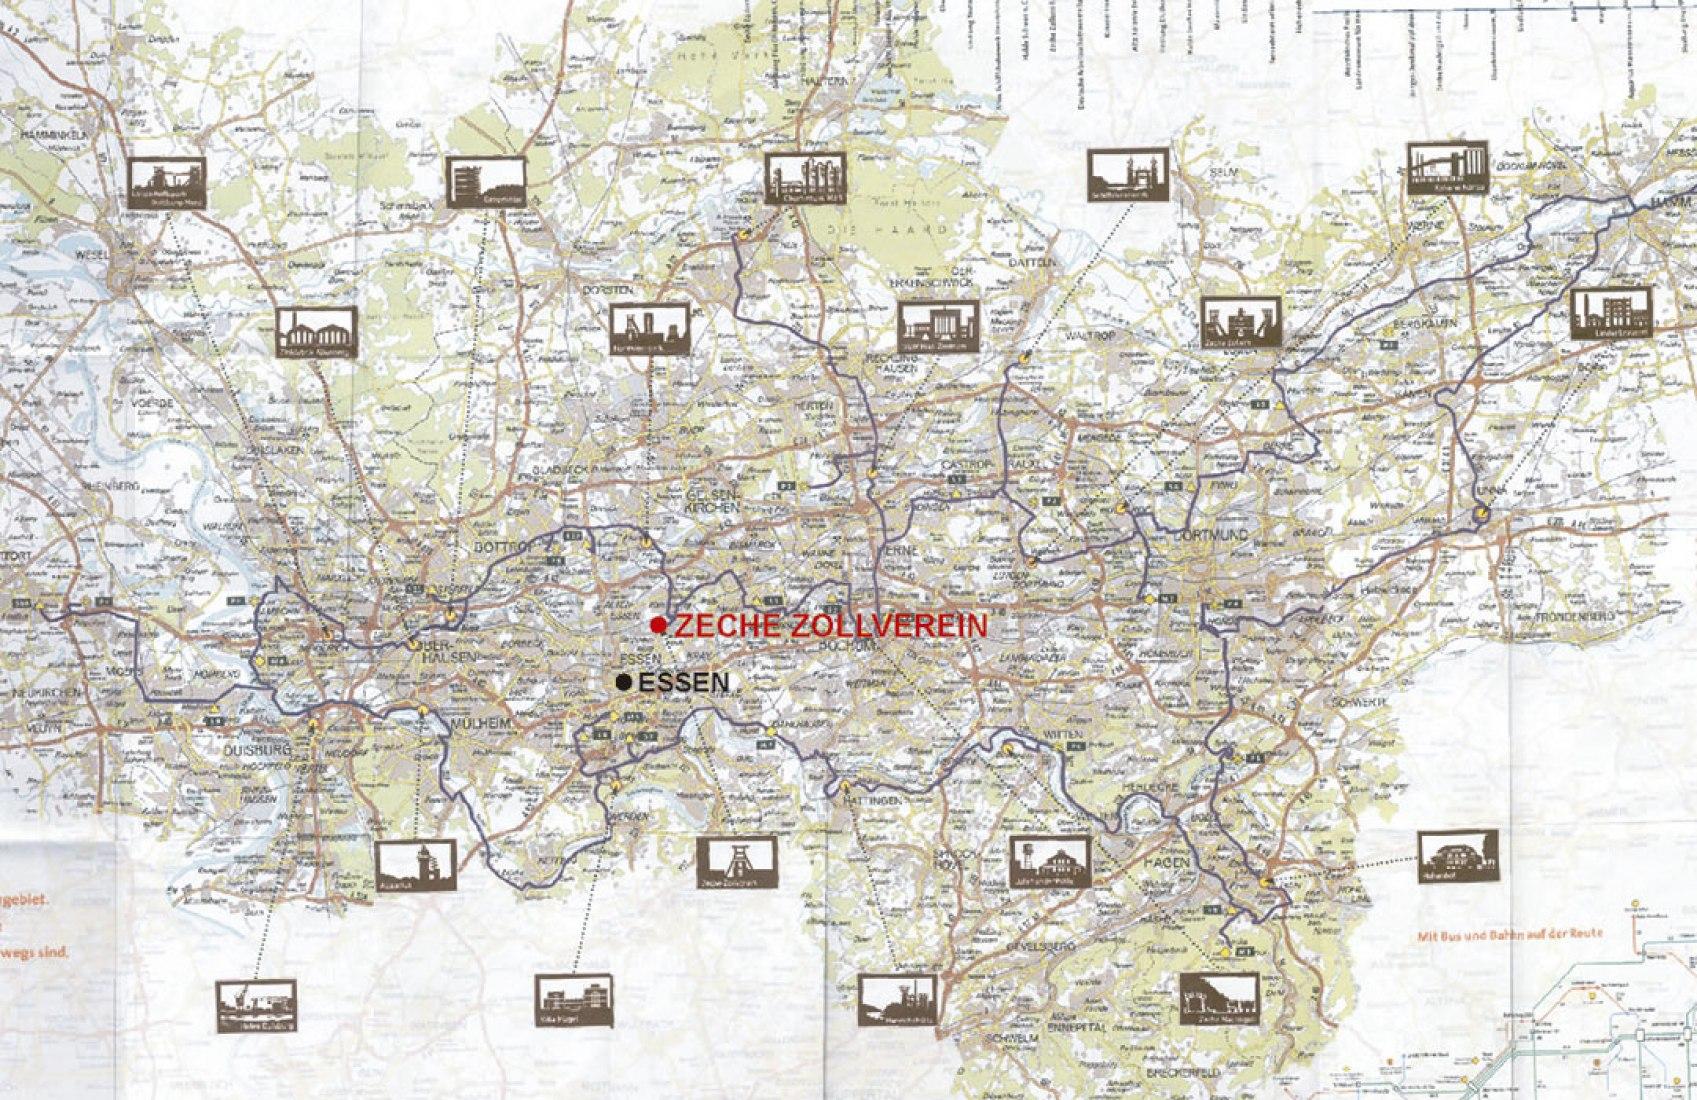 Plano de situación del Plan General de Zollverein por OMA. Imagen © OMA, Office for Metropolitan Architecture.